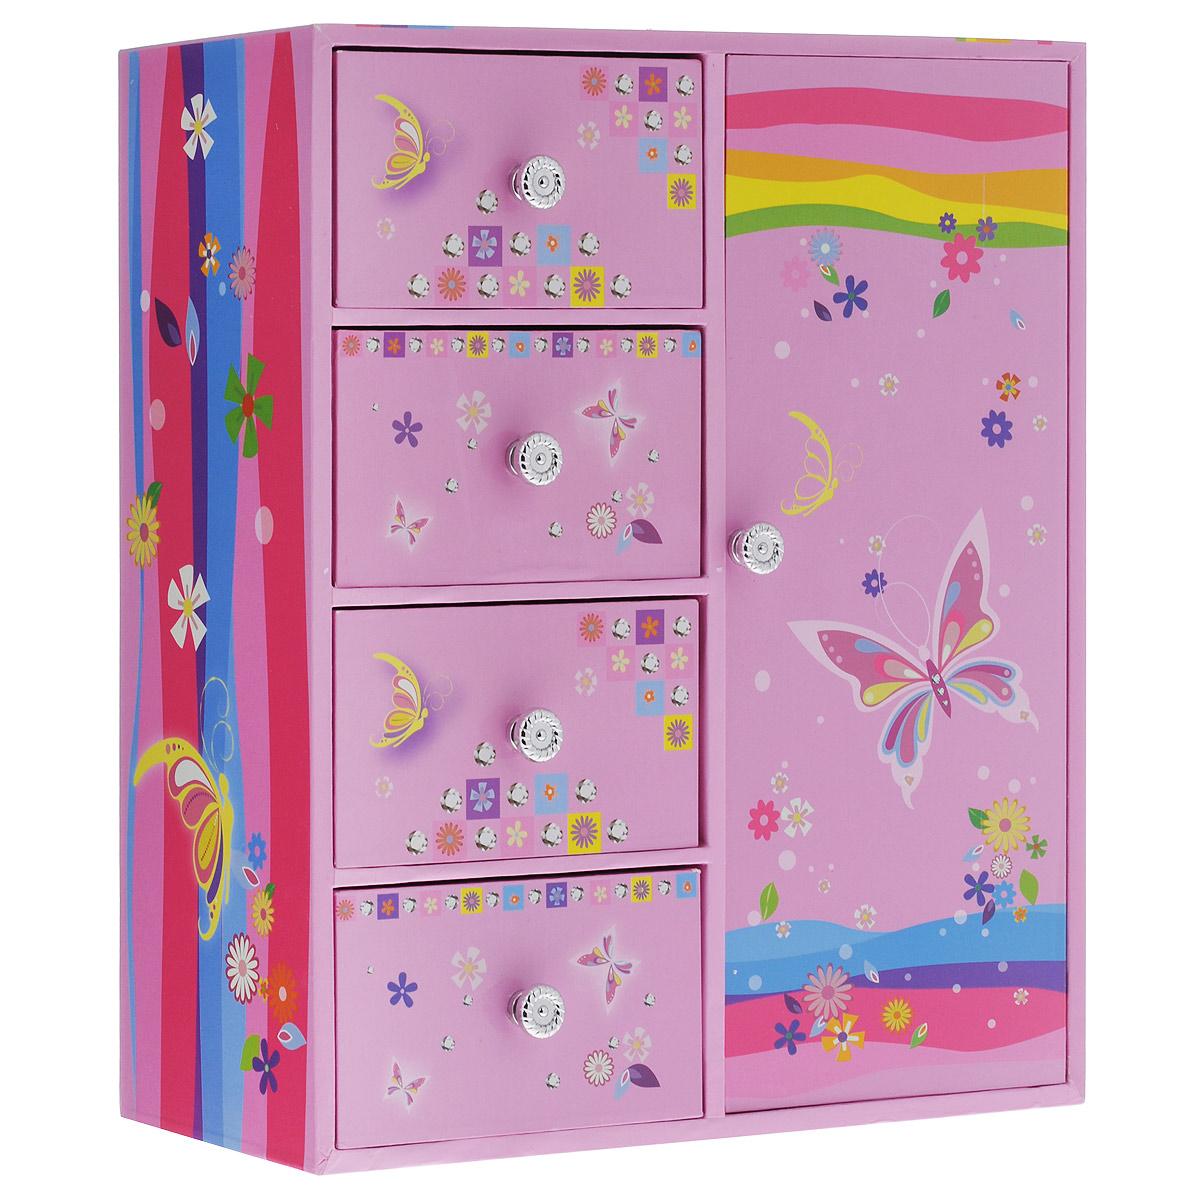 Шкатулка Jakos  Бабочки , цвет: розовый -  Предметы интерьера